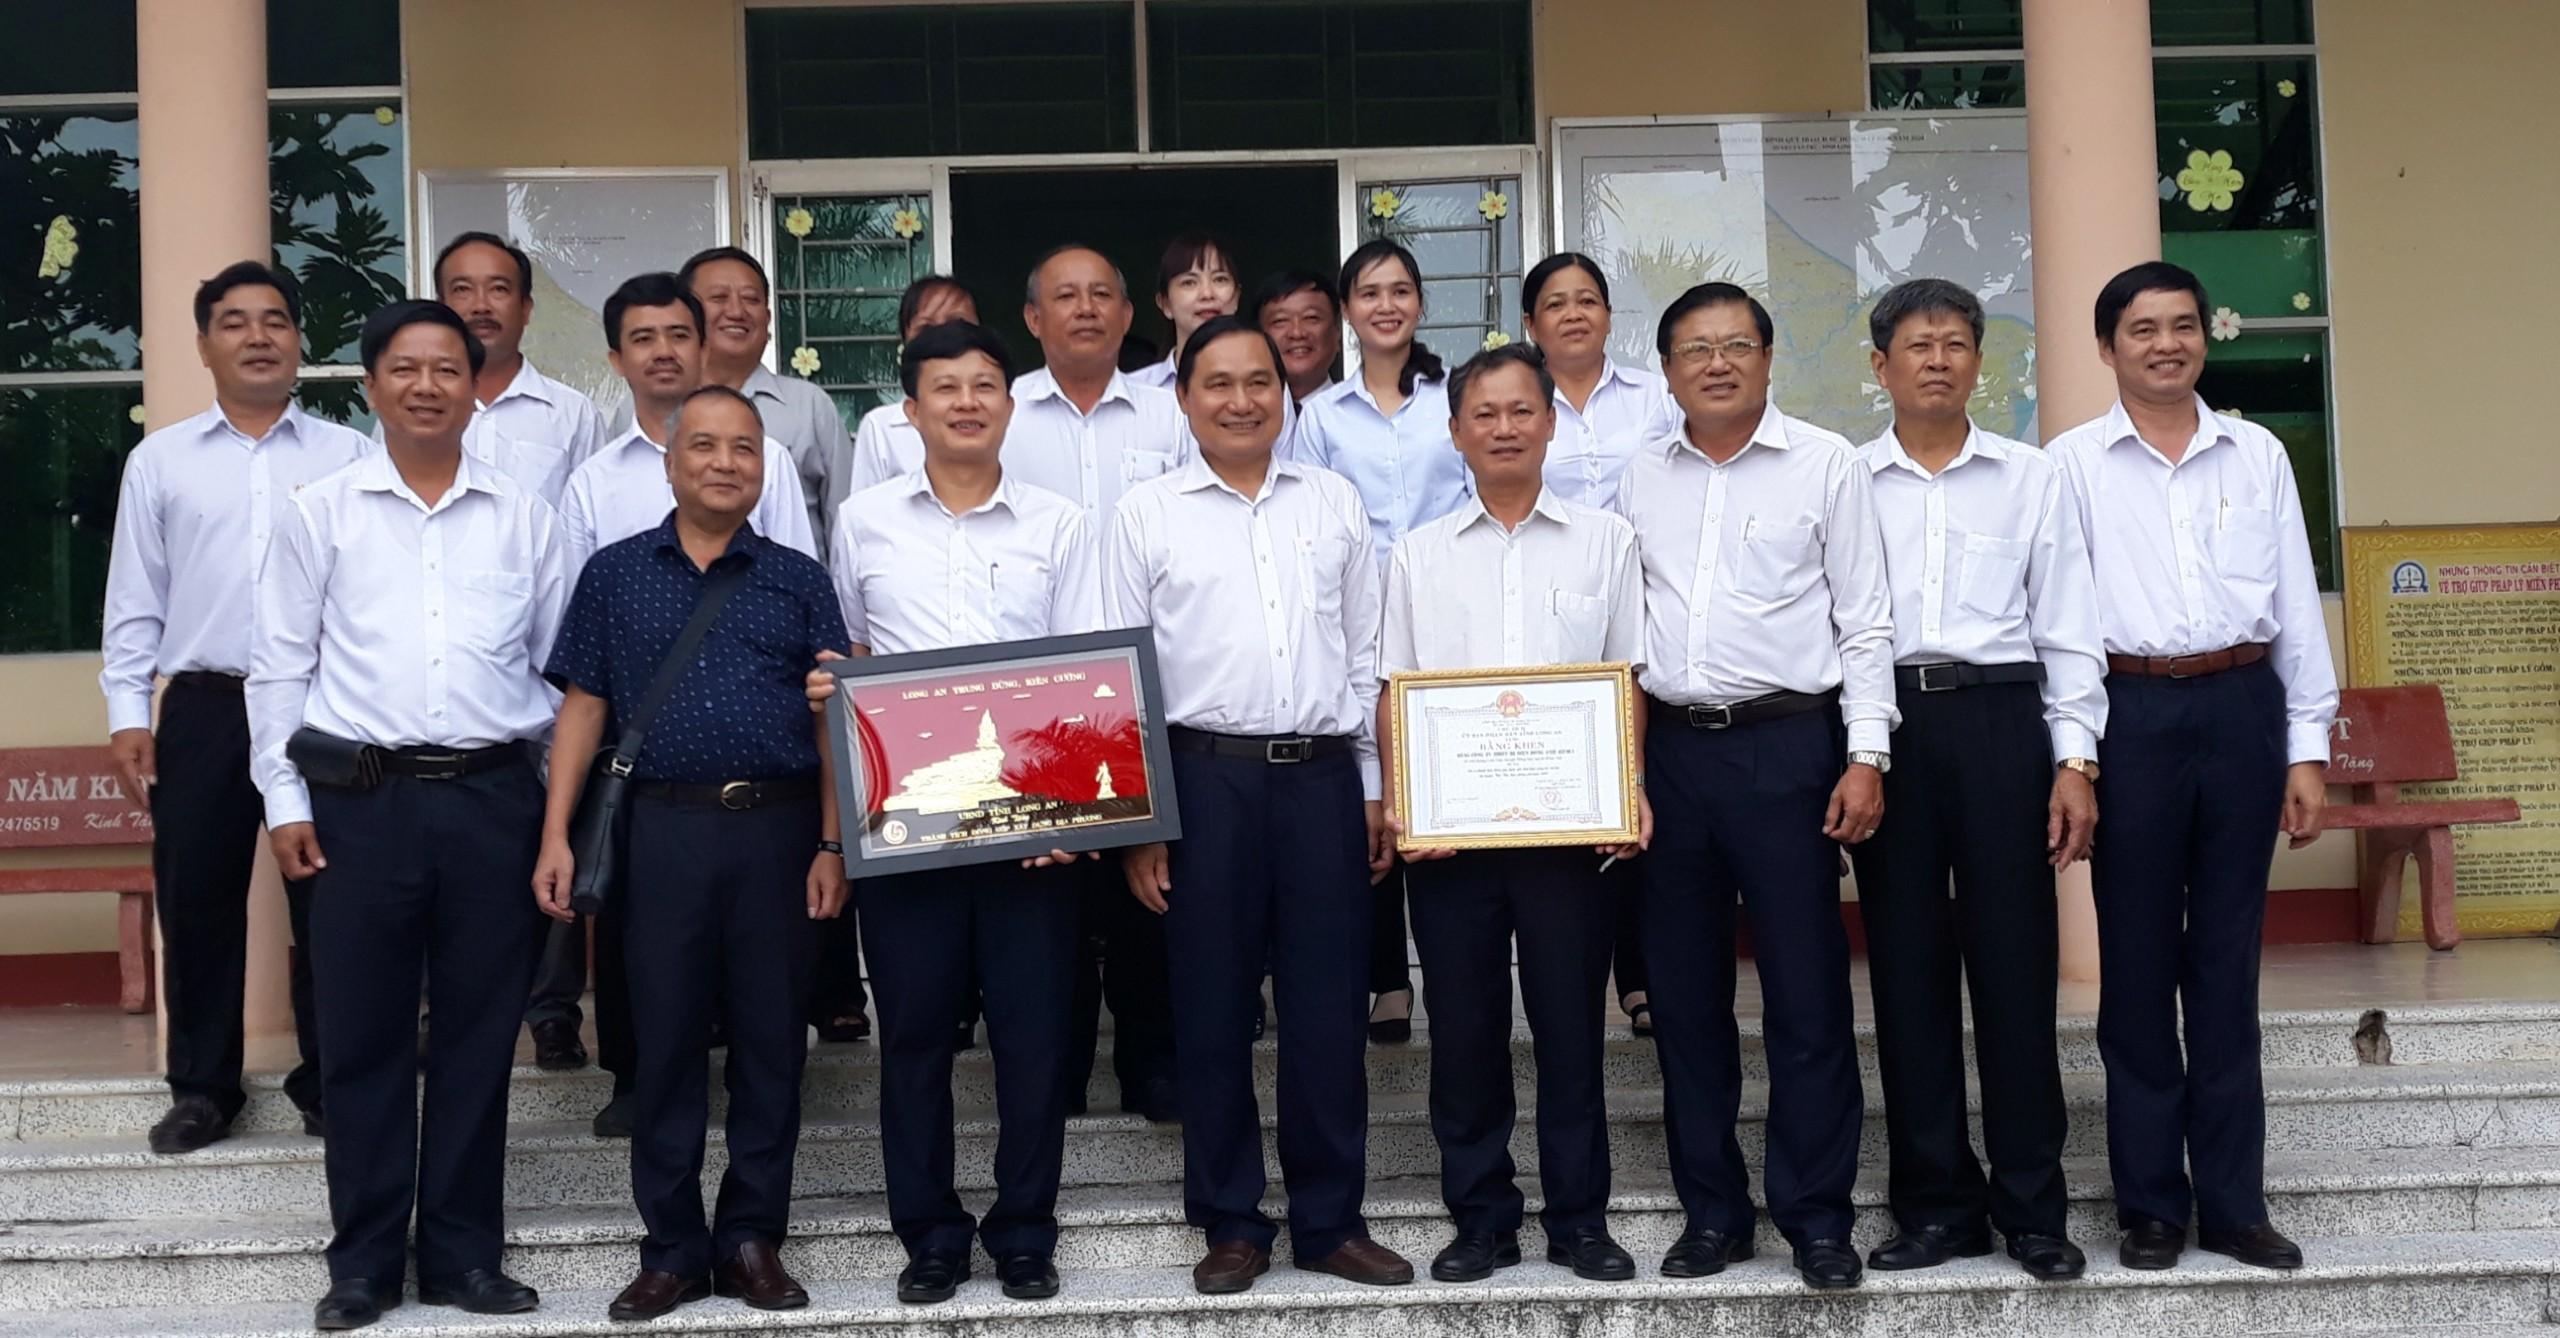 EEMC chung tay cùng Tổng công ty Điện lực miền Nam (EVNSPC)  và UBND tỉnh Long An trao tặng nhà đại đoàn kết